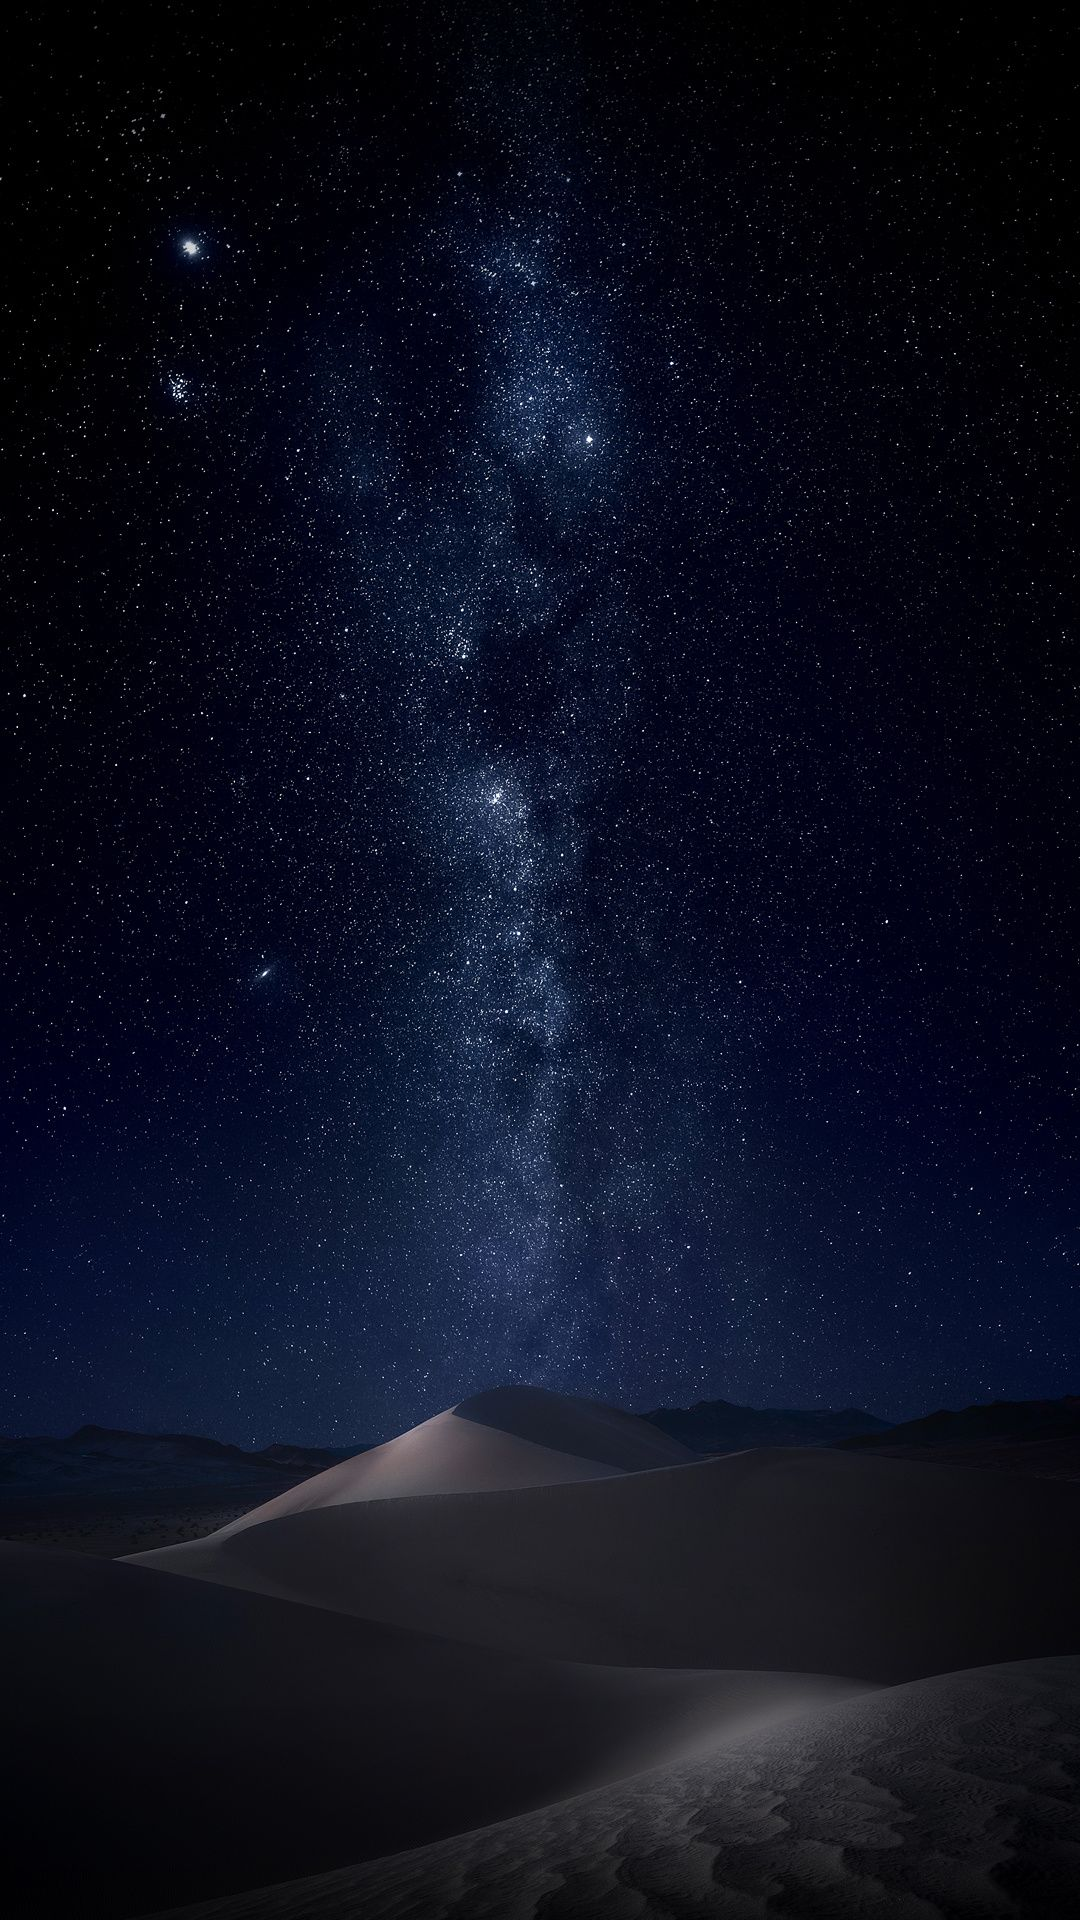 Samsung Galaxy S8 Wallpaper Night Sky Wallpaper Iphone Wallpaper Sky Wallpaper Space